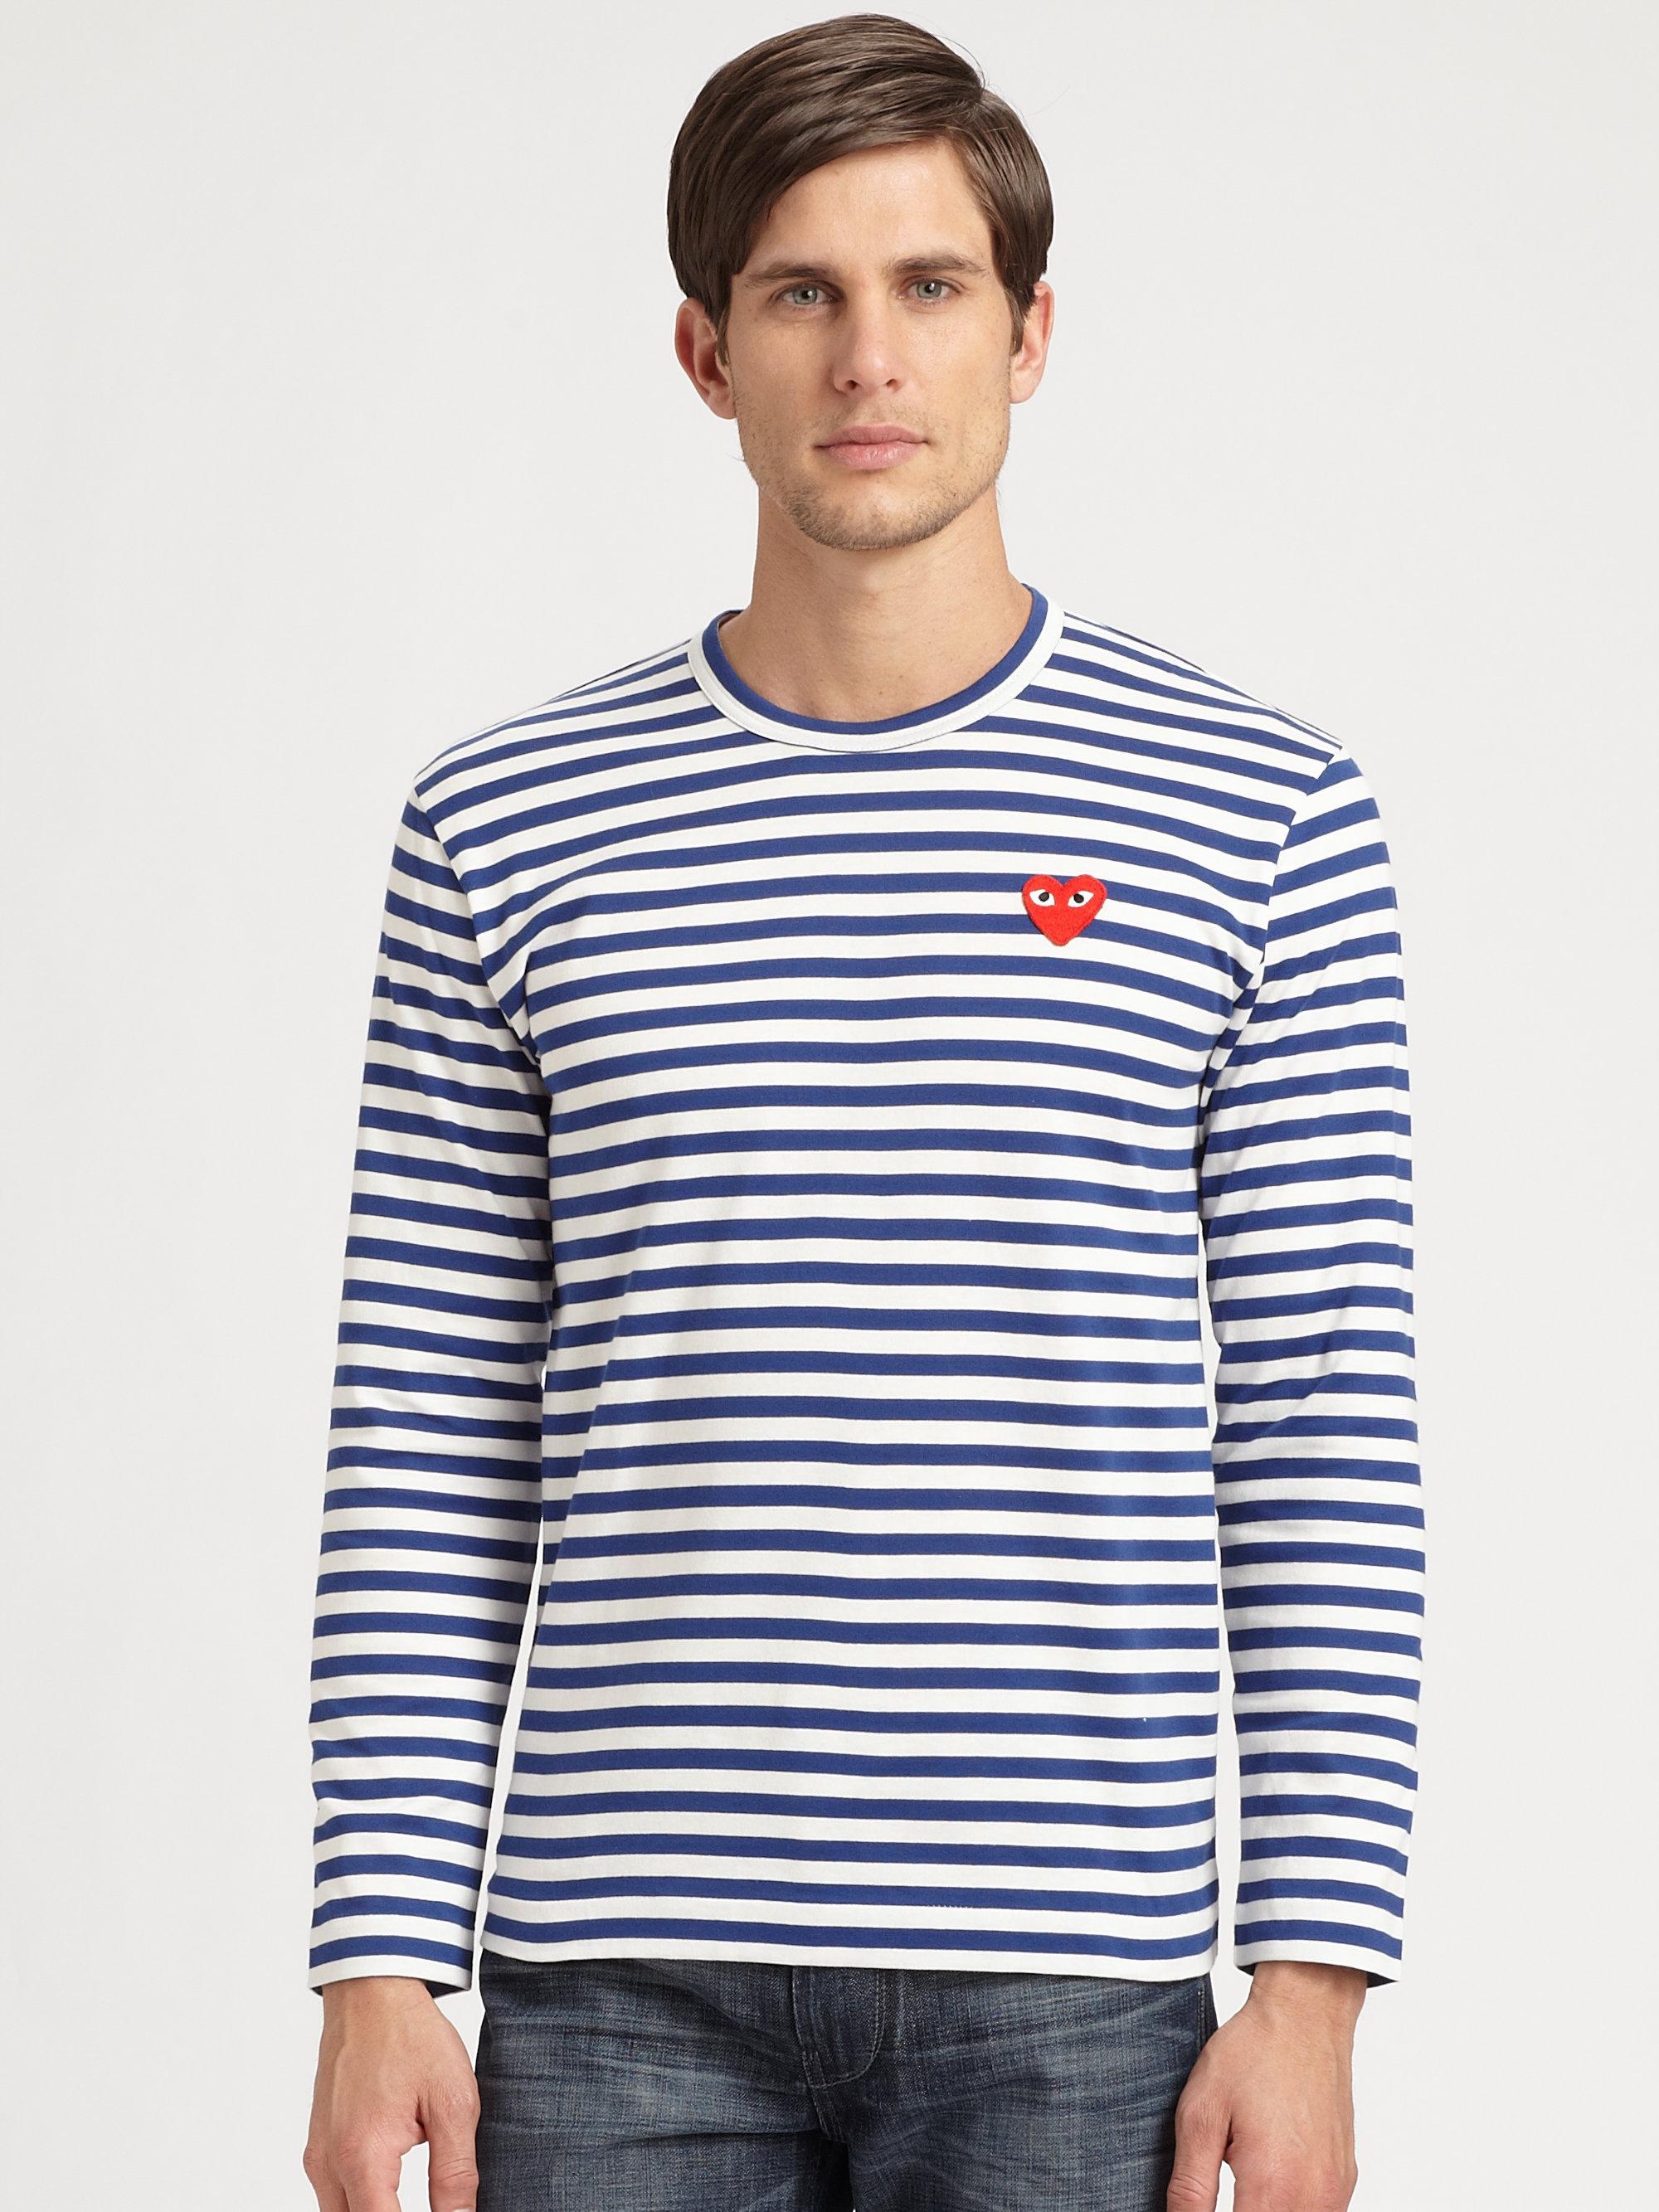 8d562ba25c8c2 Lyst - Play Comme des Garçons Striped Cotton Shirt in Blue for Men